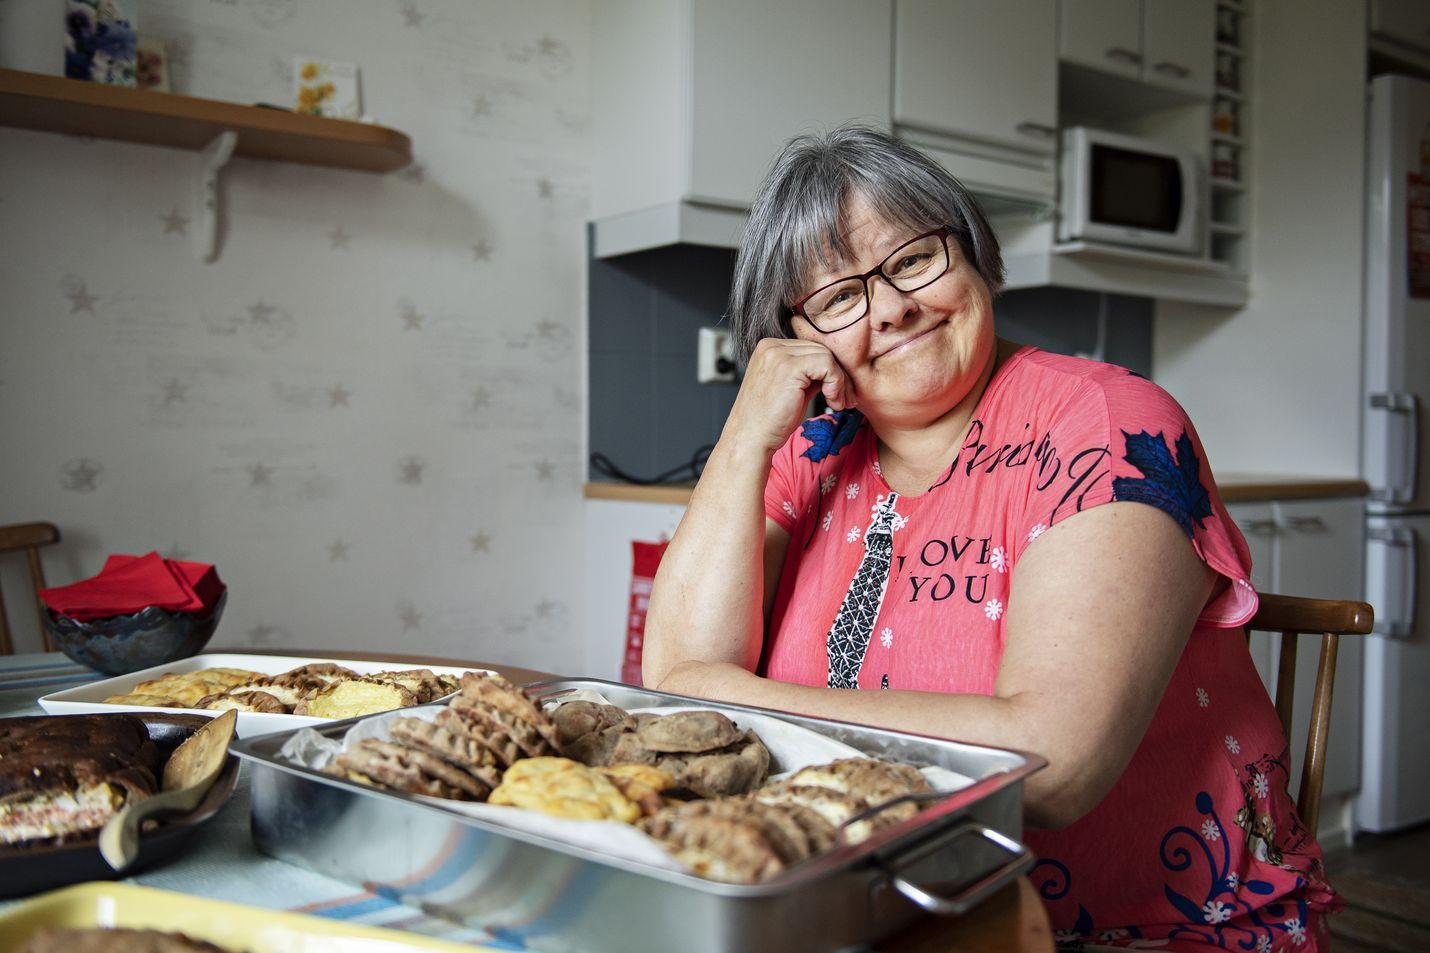 Hanna Syrjälän suosikki piirakoiden joukosta on tavallinen perunapiirakka. – Se käy ruokapöytään tai kahvin kanssa, ja sopivilla päällysteillä siitä saa sellaisenaankin pienen aterian, hän sanoo.